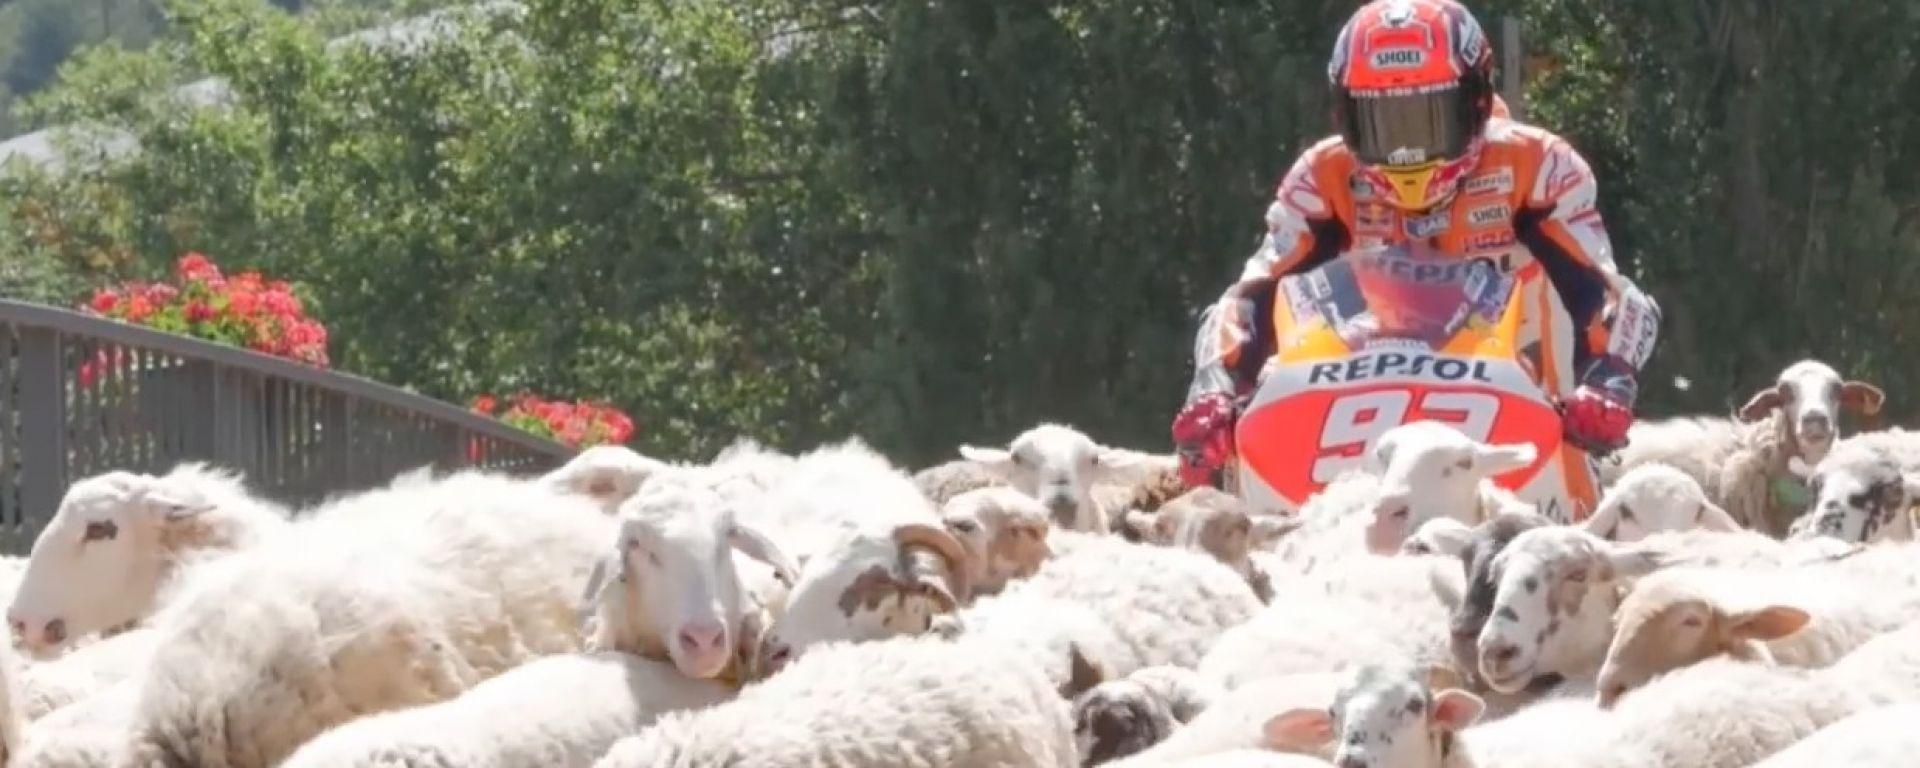 Spot Repsol, Marc Marquez in mezzo ad un gregge